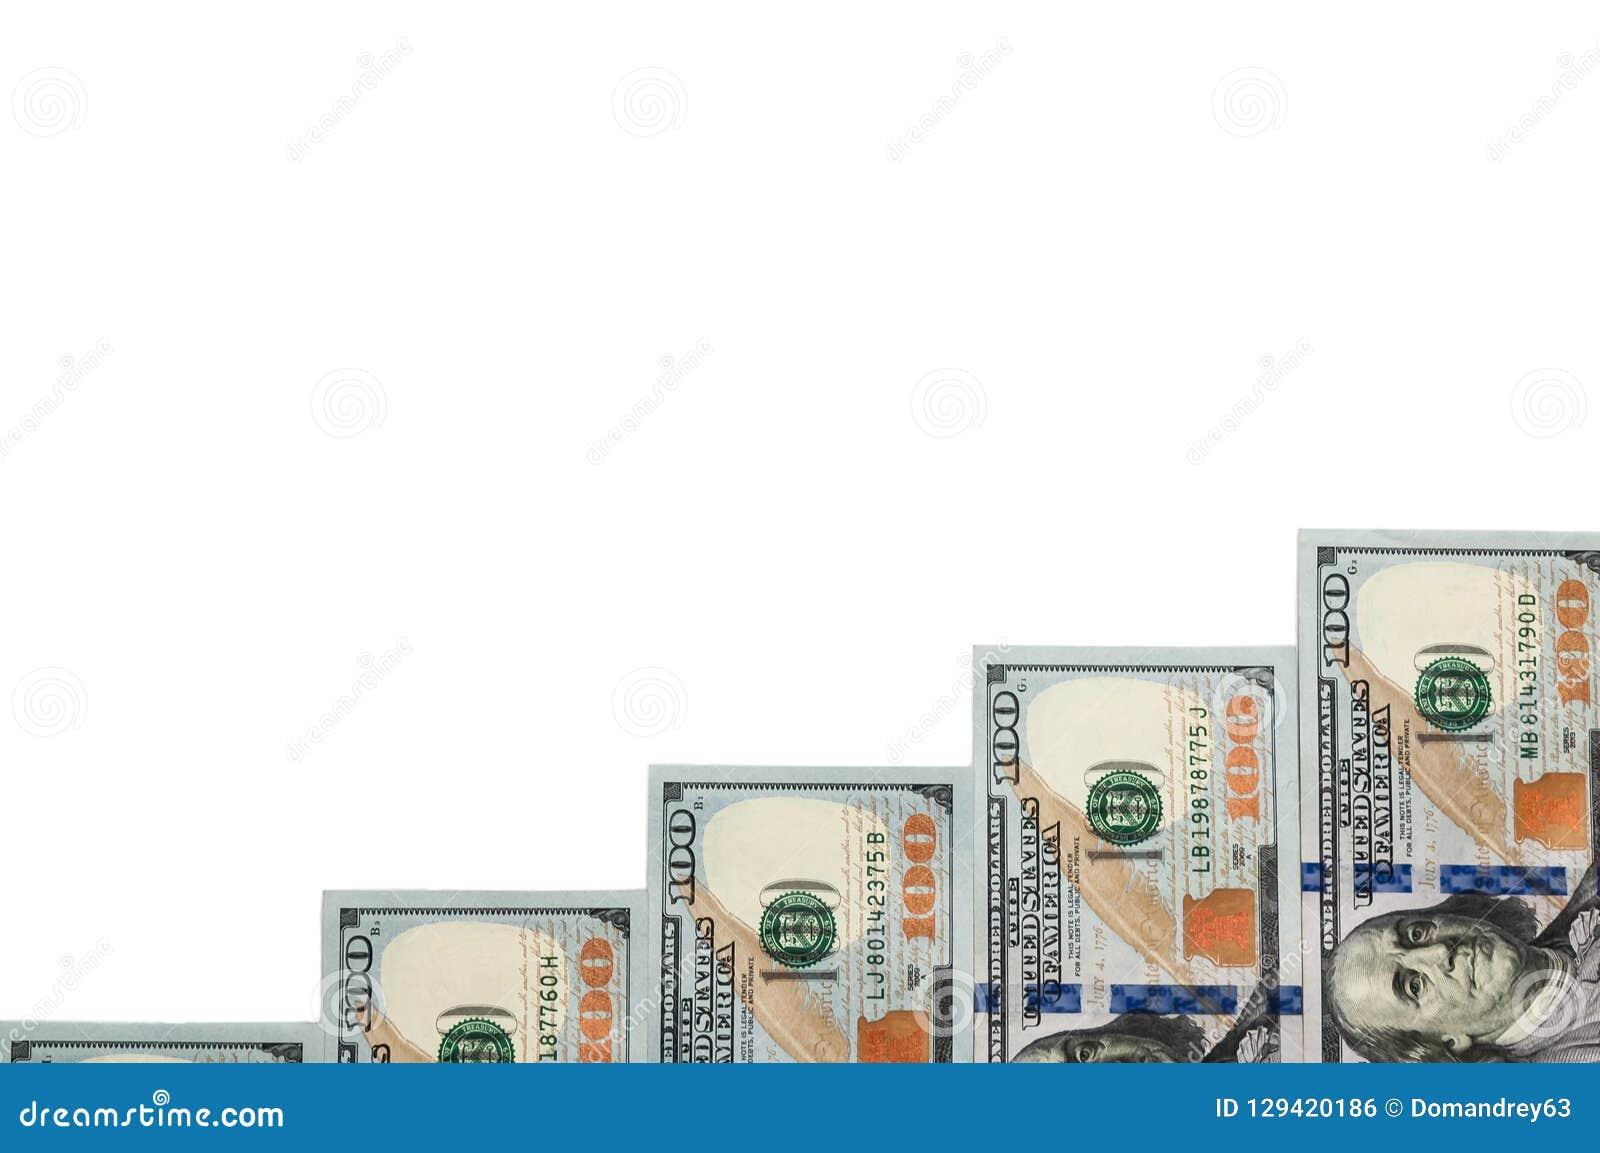 Ladderstappen uit rekeningen van honderd dollars op een witte achtergrond Geïsoleerde